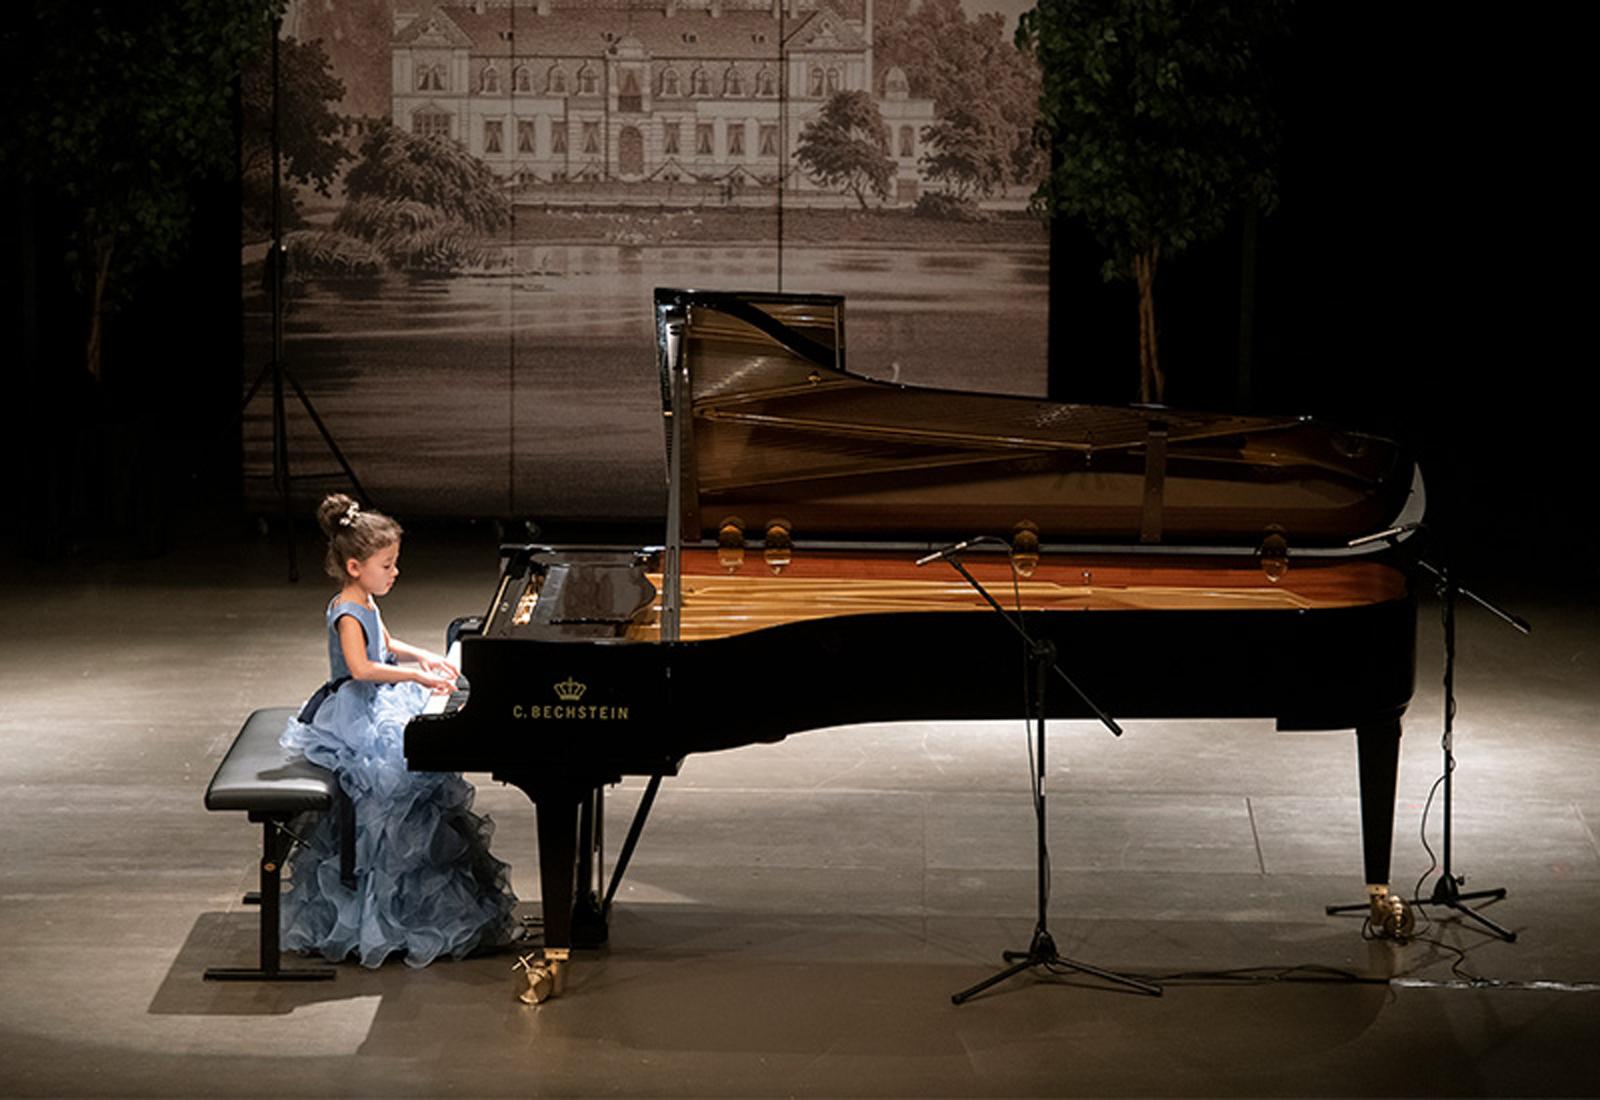 """Findet dieses Jahr in der Wertung """"Klavier und ein Streichinstrument"""" statt: Der stiftungseigene Carl Bechstein Wettbewerb © Thorsten Eichhorst"""